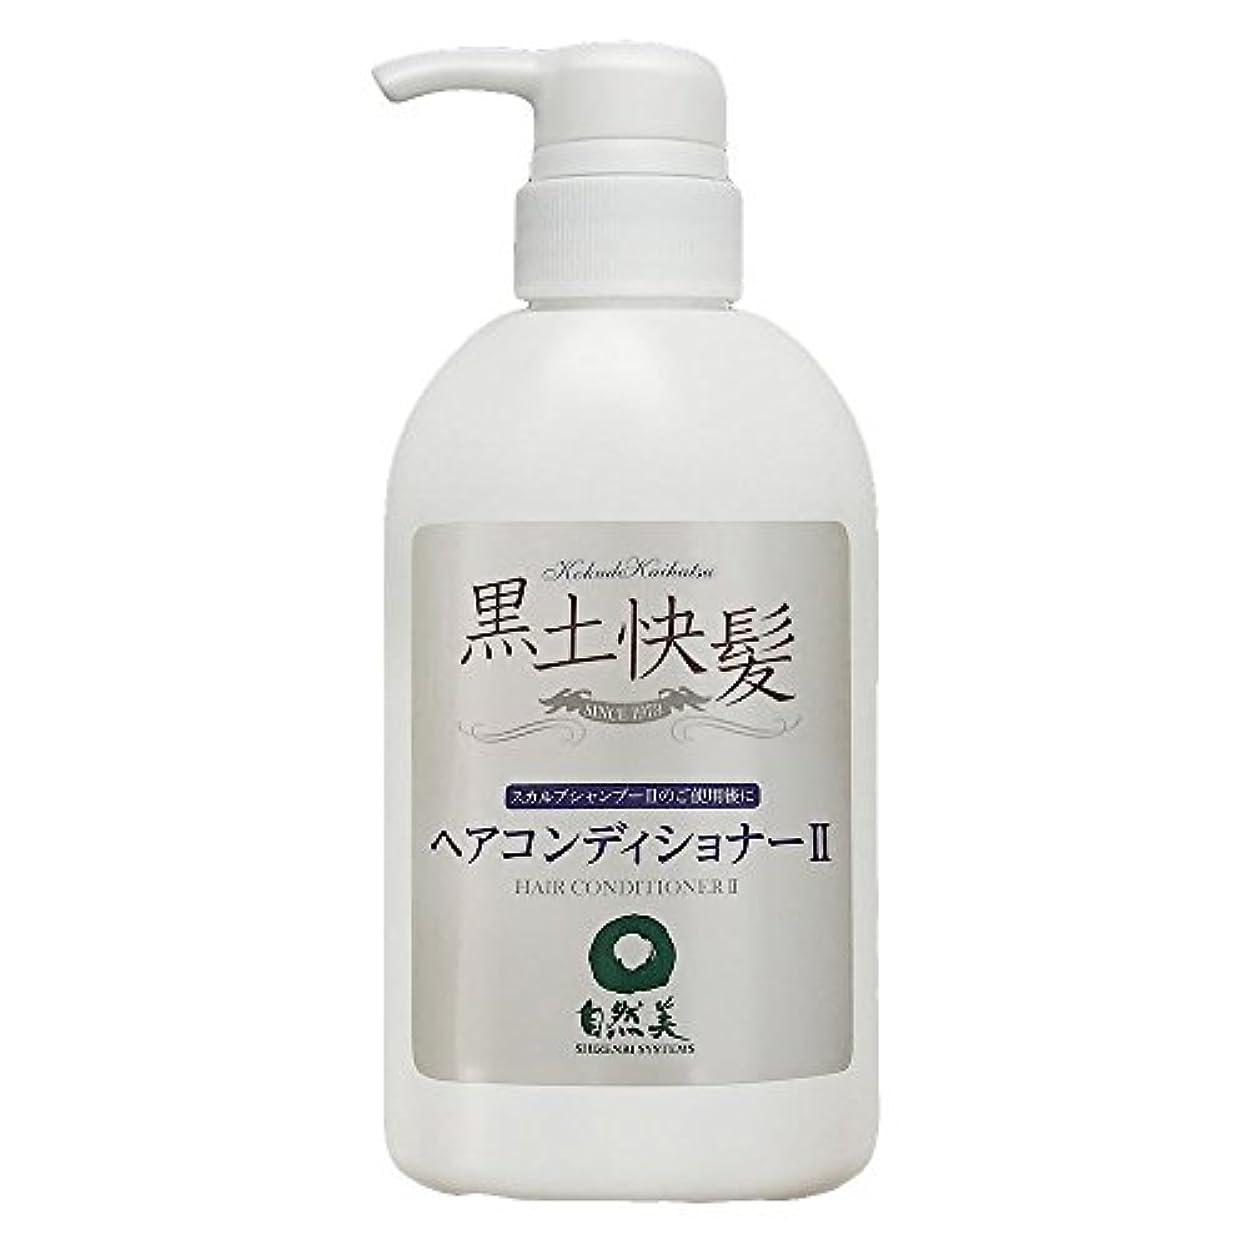 黒土快髪 スカルプコンディショナーⅡ 400mL /こくどかいはつ/育毛/養毛/増毛/